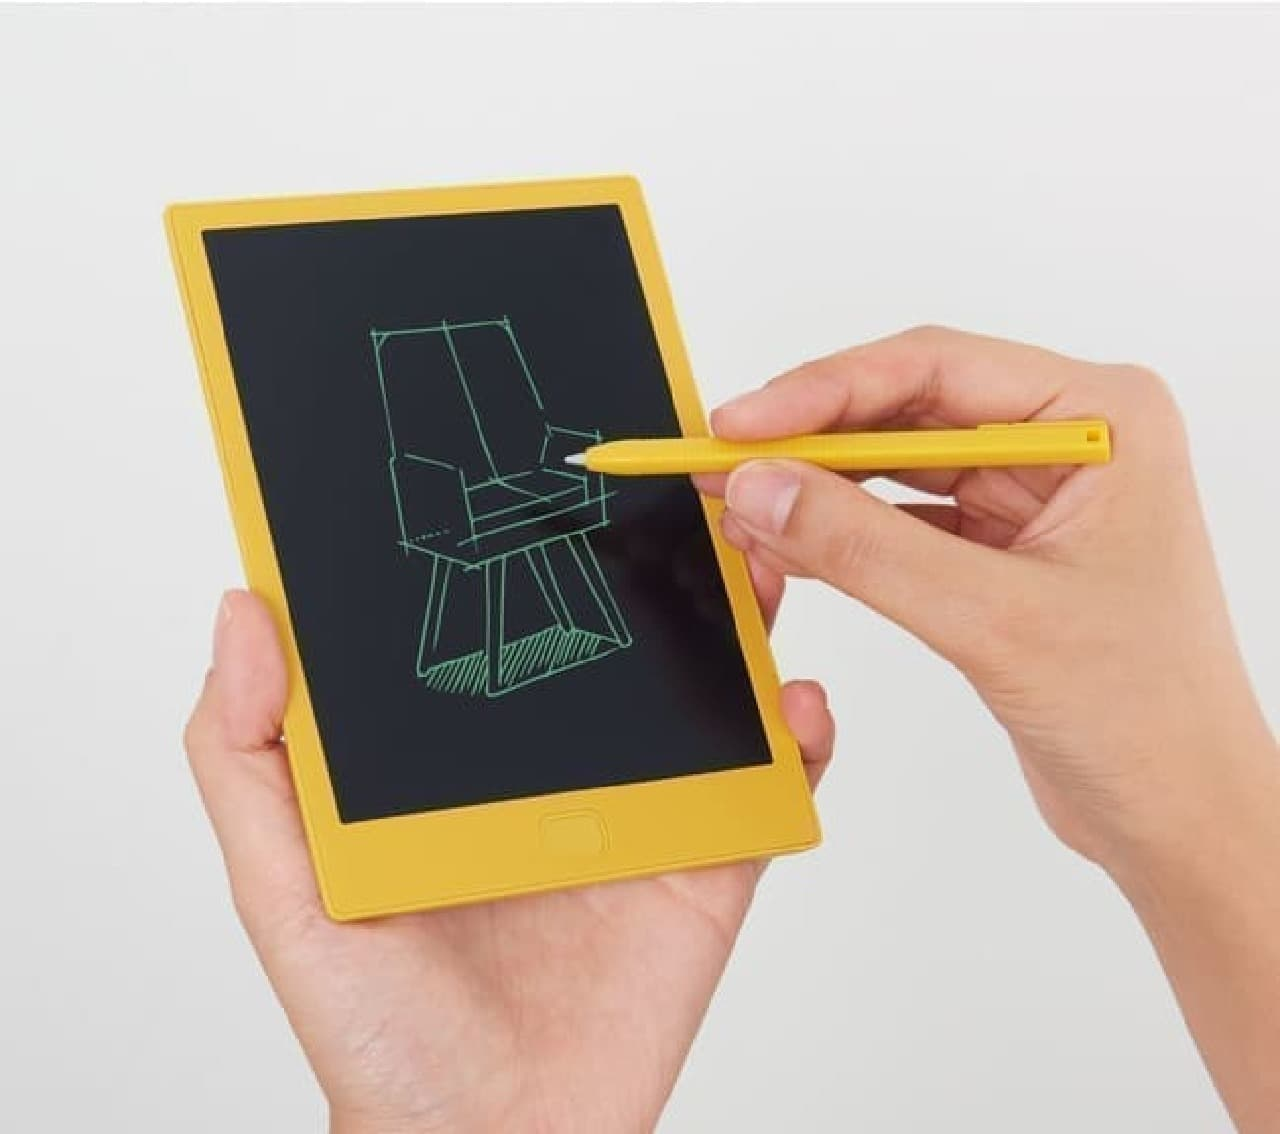 電子メモパッド「ブギーボード」からA6サイズ -- 書き心地なめらか&コンパクトに持ち運び